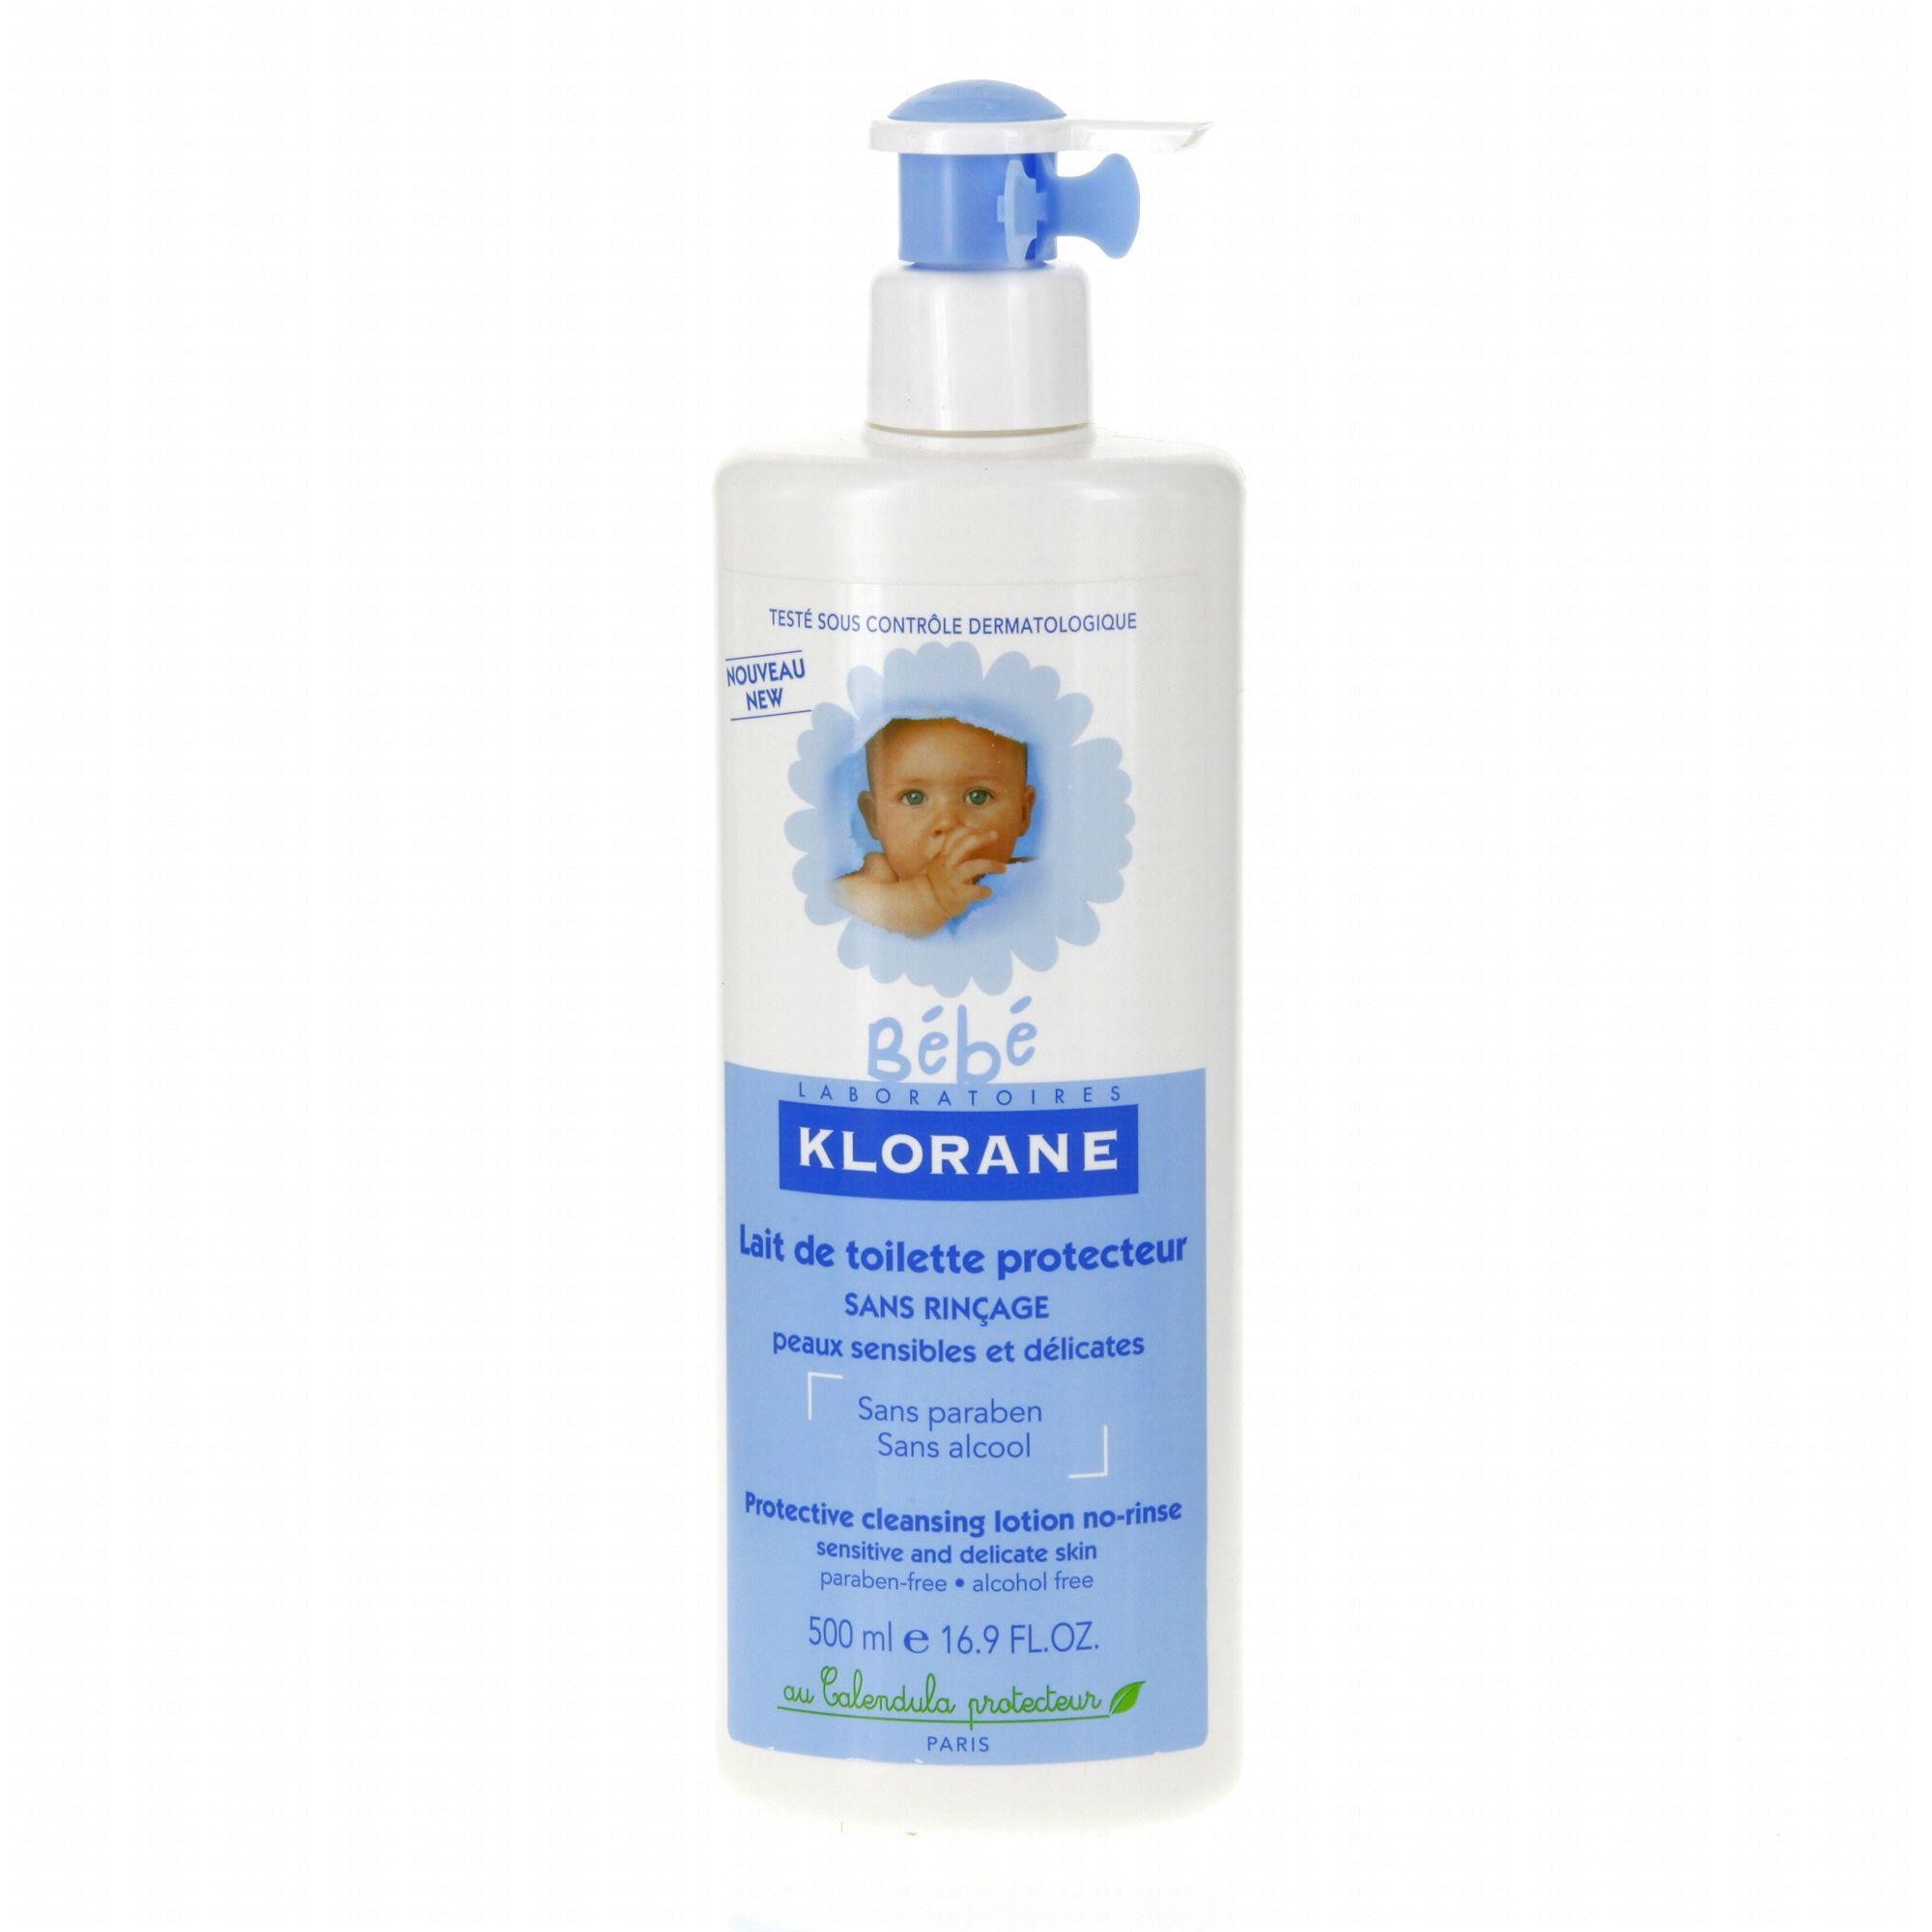 Klorane Lait de Toilette Protecteur (500 ml)